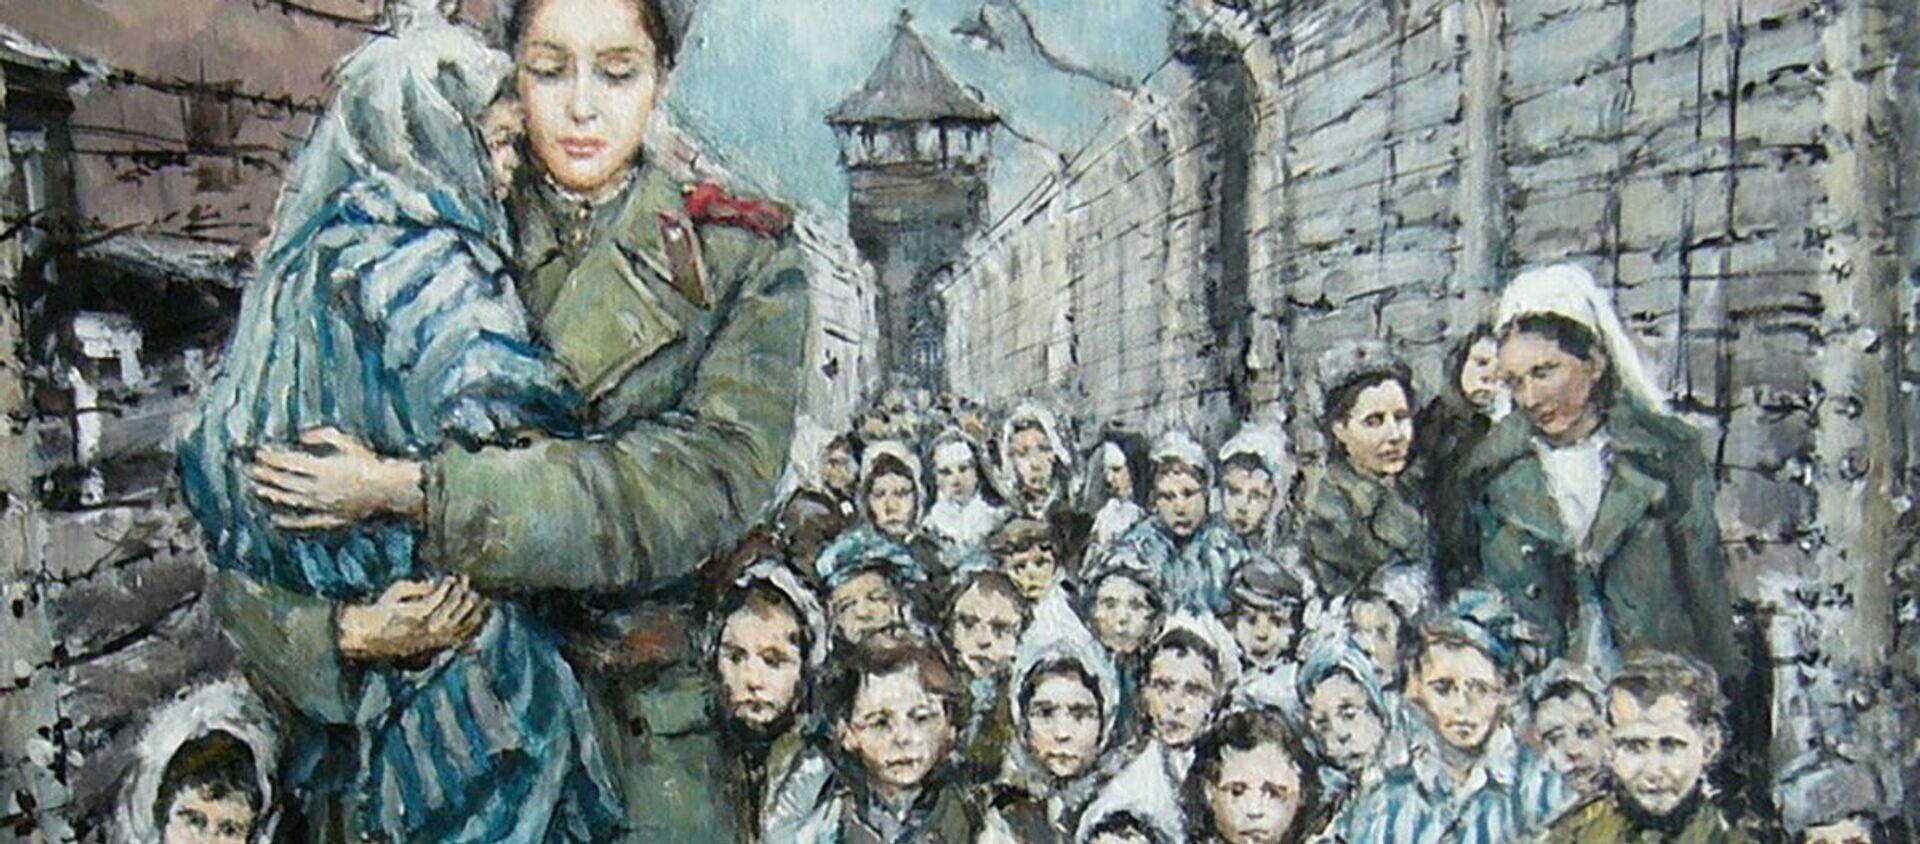 """Obraz Stanislava Sedláčka """"Madona z Osvětimi"""" - Sputnik Česká republika, 1920, 22.03.2021"""